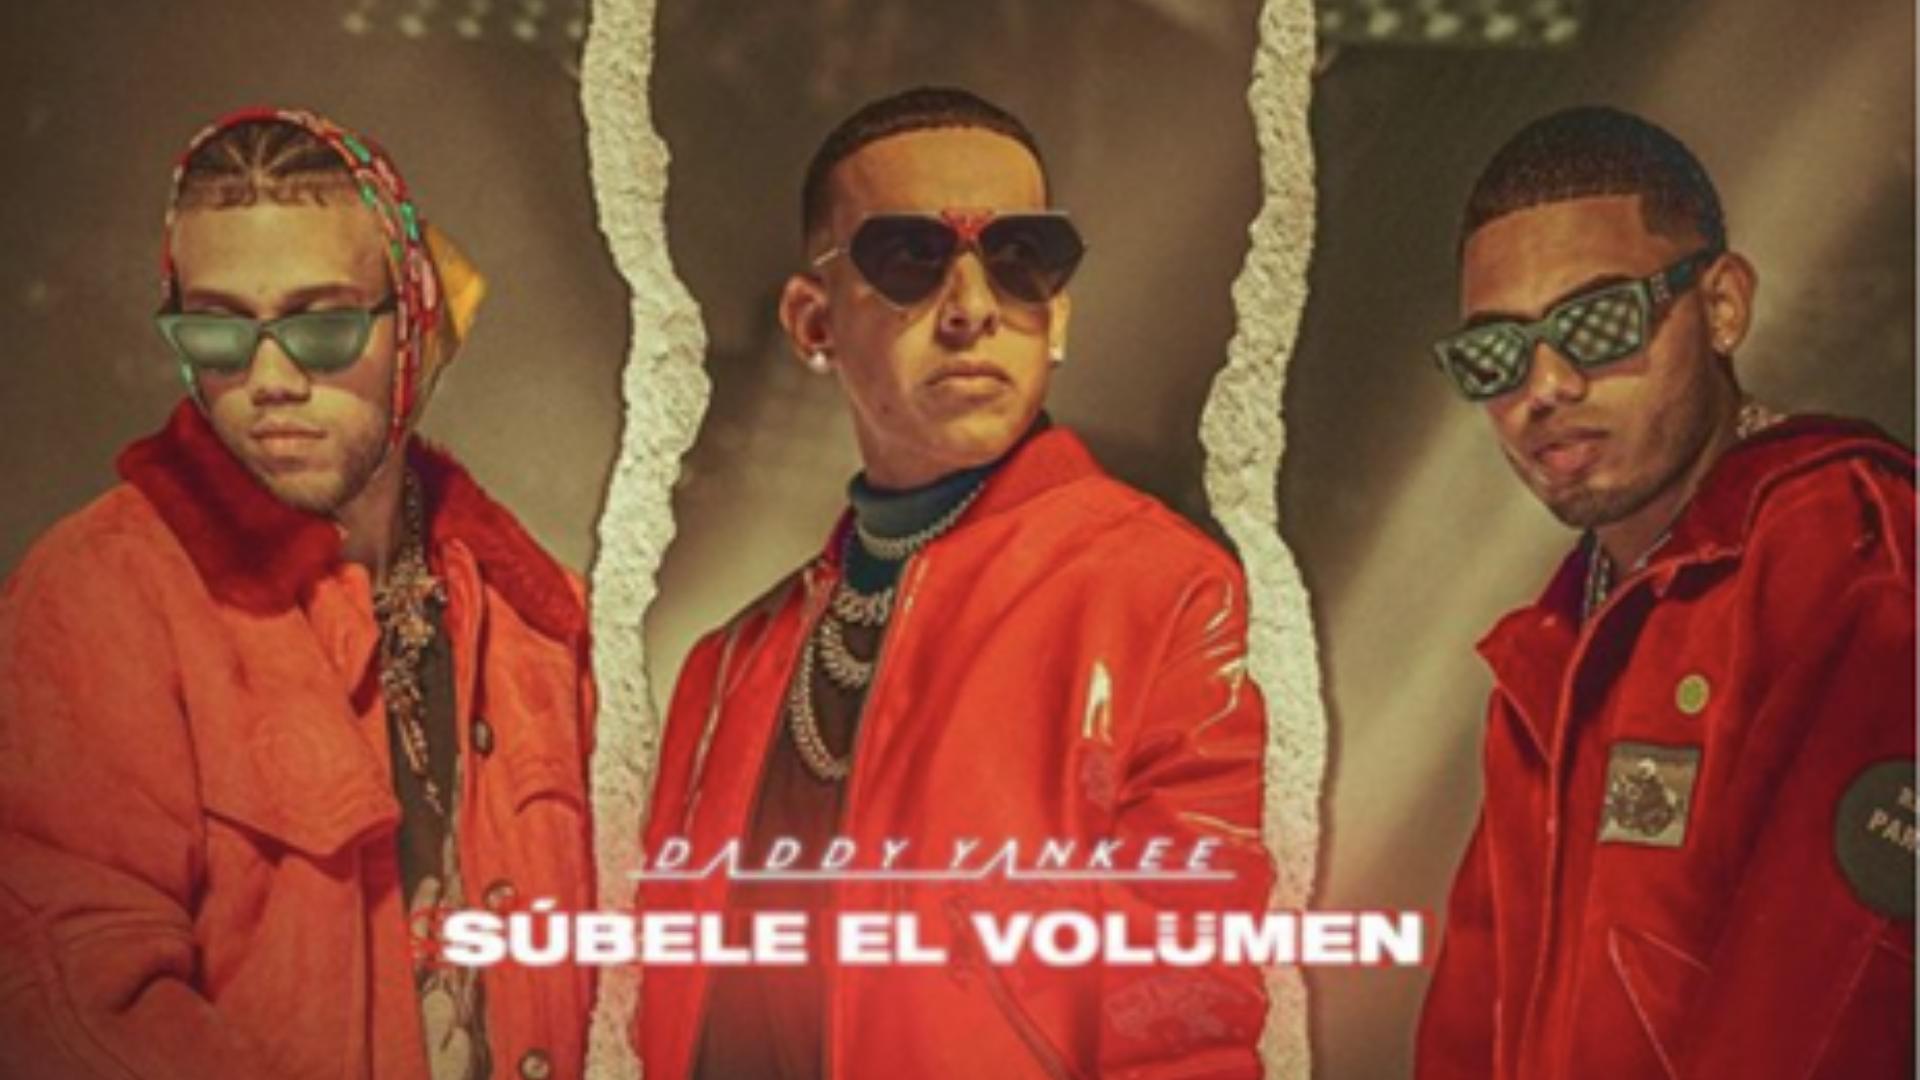 """La noche del miércoles 14 de junio, Daddy Yankee reveló la portada de su nuevo sencillo """"Súbele el volumen"""" con Myke Towers y Jhay Cortez. El lanzamiento de este fue entonces el viernes 16 de julio a través de El Cartel Records/ Republic Records."""